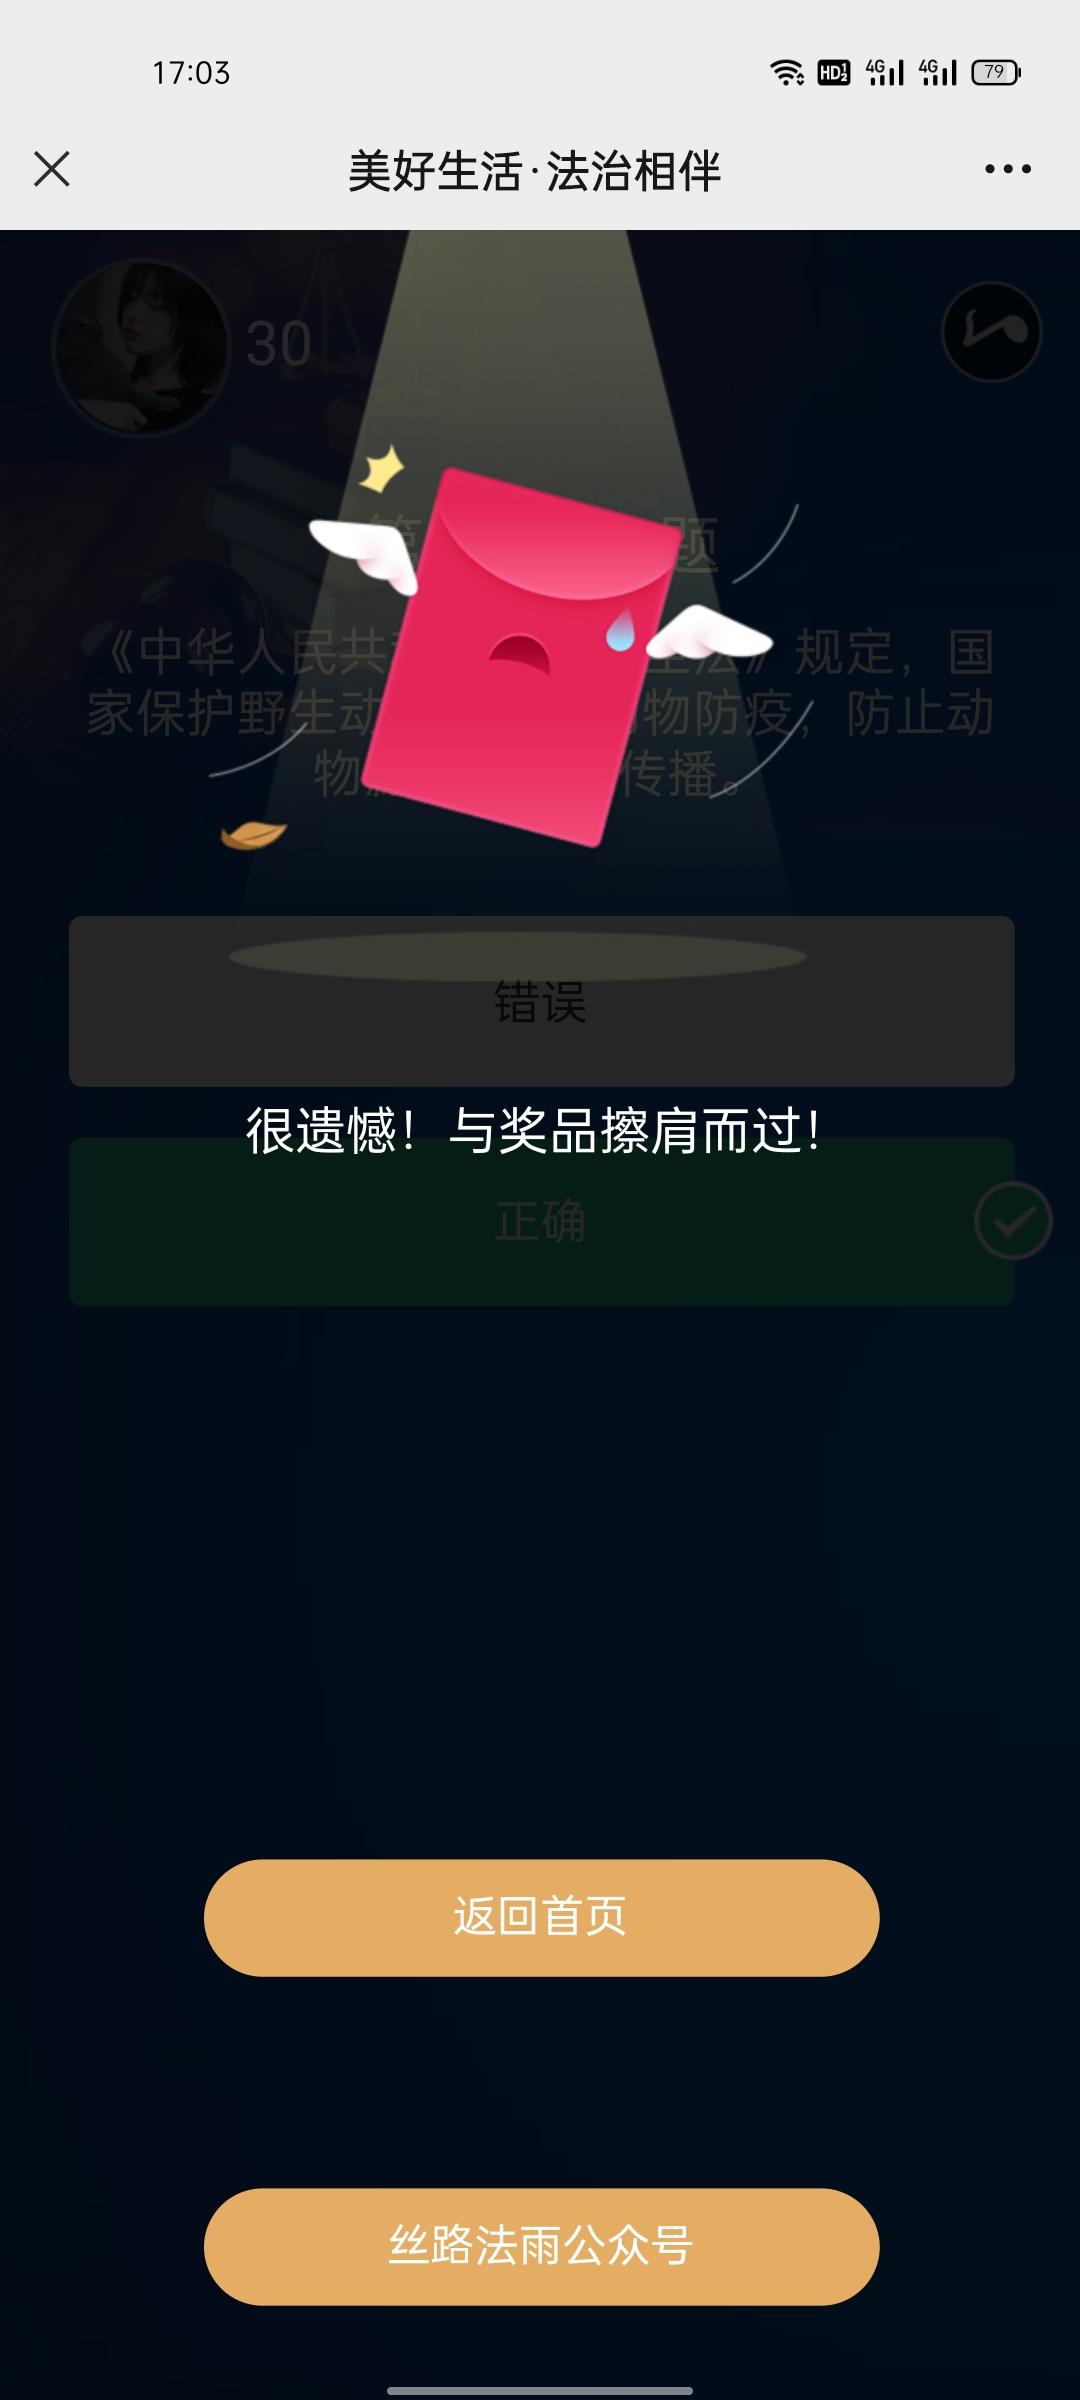 【现金红包】微信答题抽奖非必中